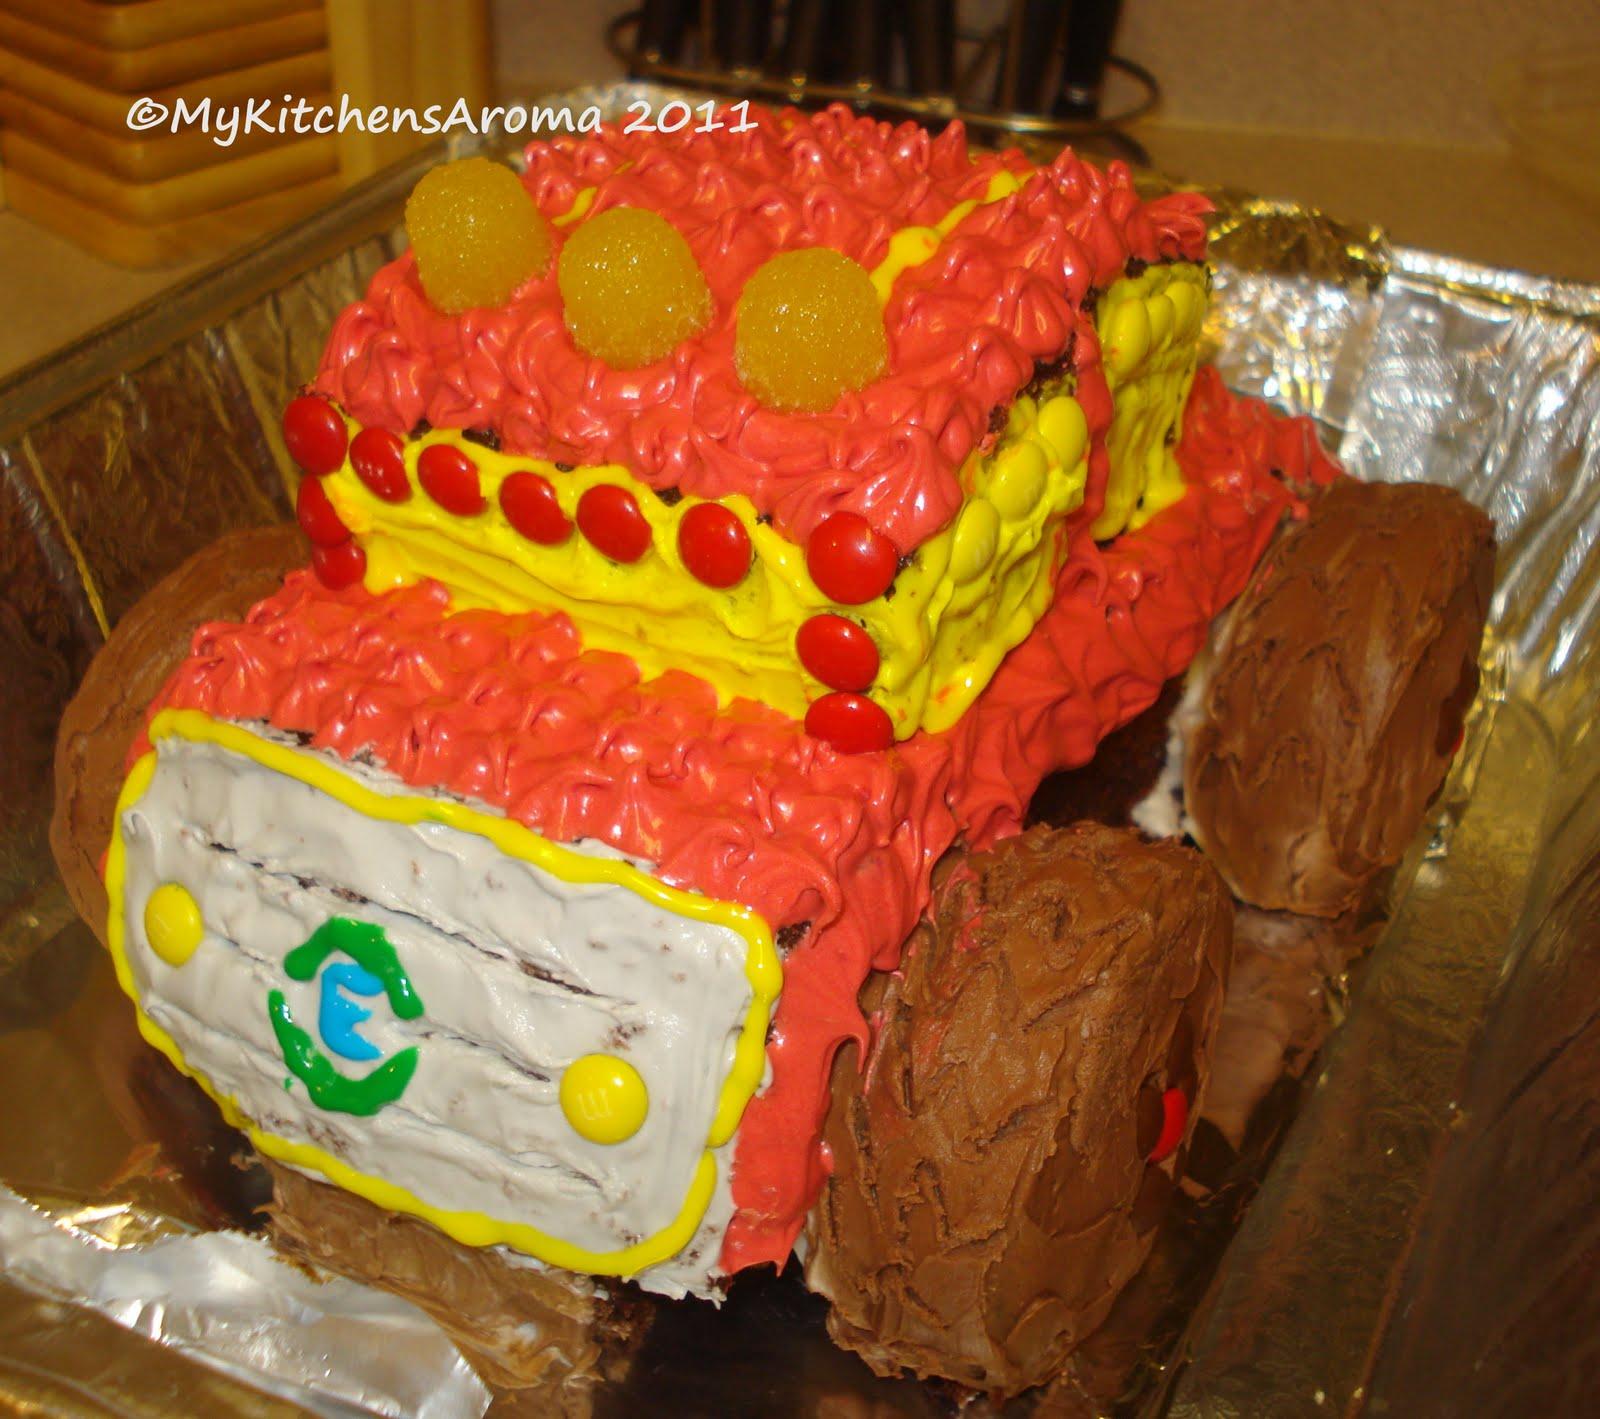 Chocolate Dump Cake Using Yellow Cake Mix